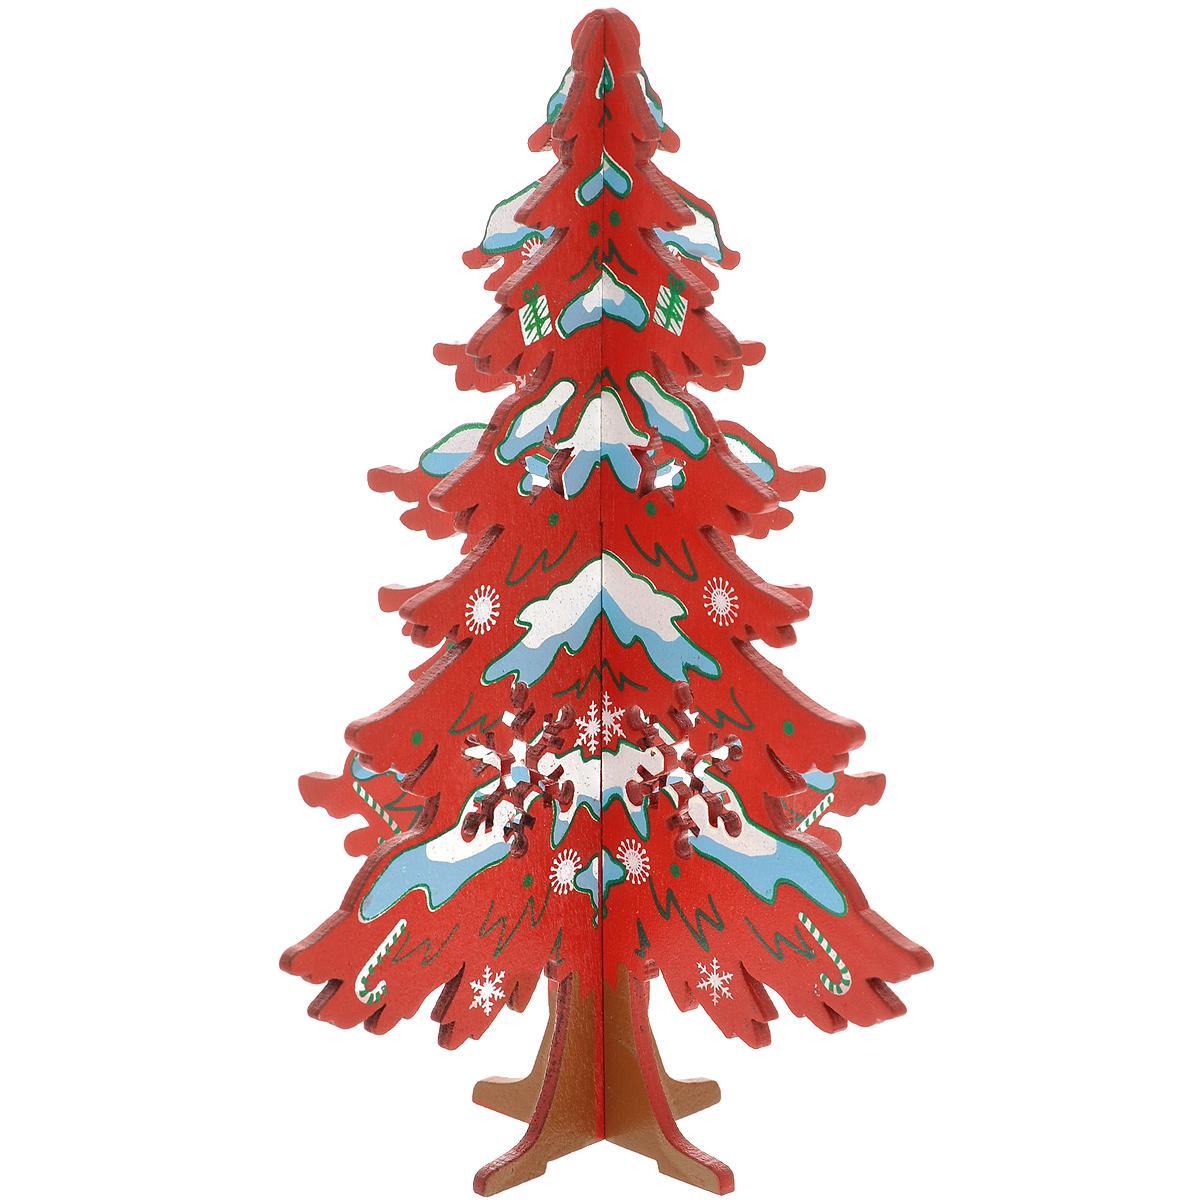 Украшение новогоднее Елочка заснеженная, цвет: красный, 14,5 см. 3569135691Украшение Елочка заснеженная, изготовленное из дерева, отлично подойдет для декорации вашего дома. Украшение выполнено в виде ели, декорированной снежинками и игрушками, которая собирается из двух частей крест-накрест. Новогодние украшения всегда несут в себе волшебство и красоту праздника. Создайте в своем доме атмосферу тепла, веселья и радости, украшая его всей семьей.